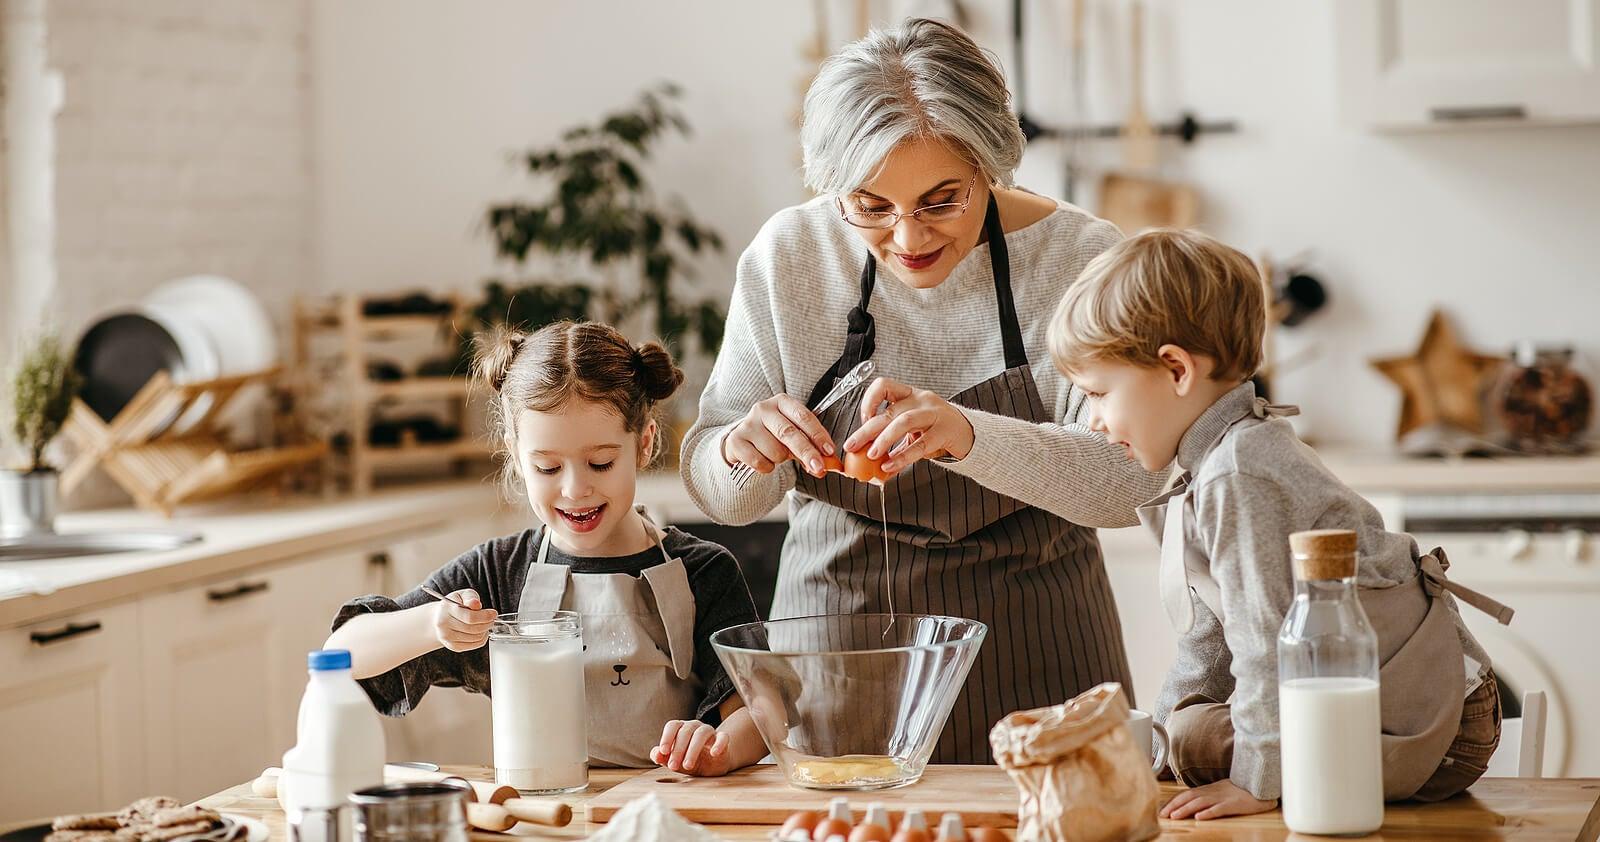 Abuela cocinando recetas de repostería con sus nietos.